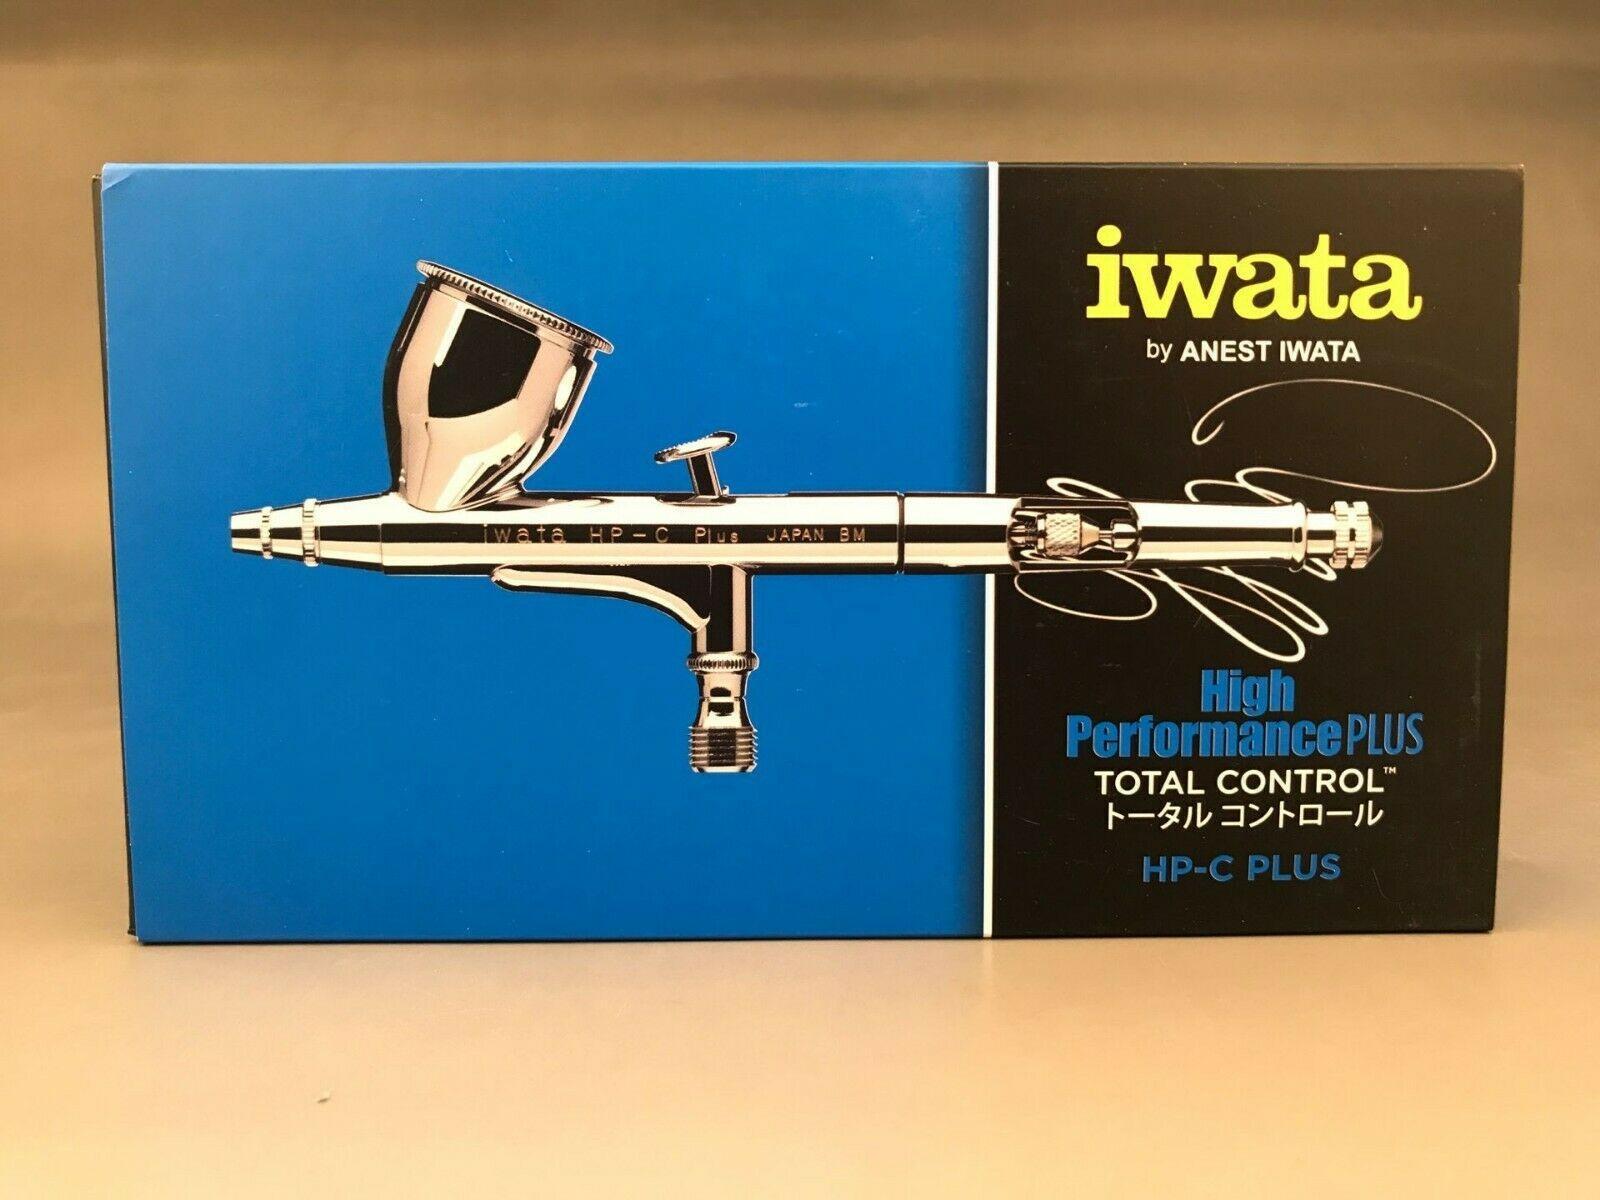 anest iwata medea airbrush hp cp high performance plus hp c 0 3mm 1 3 oz 10cc